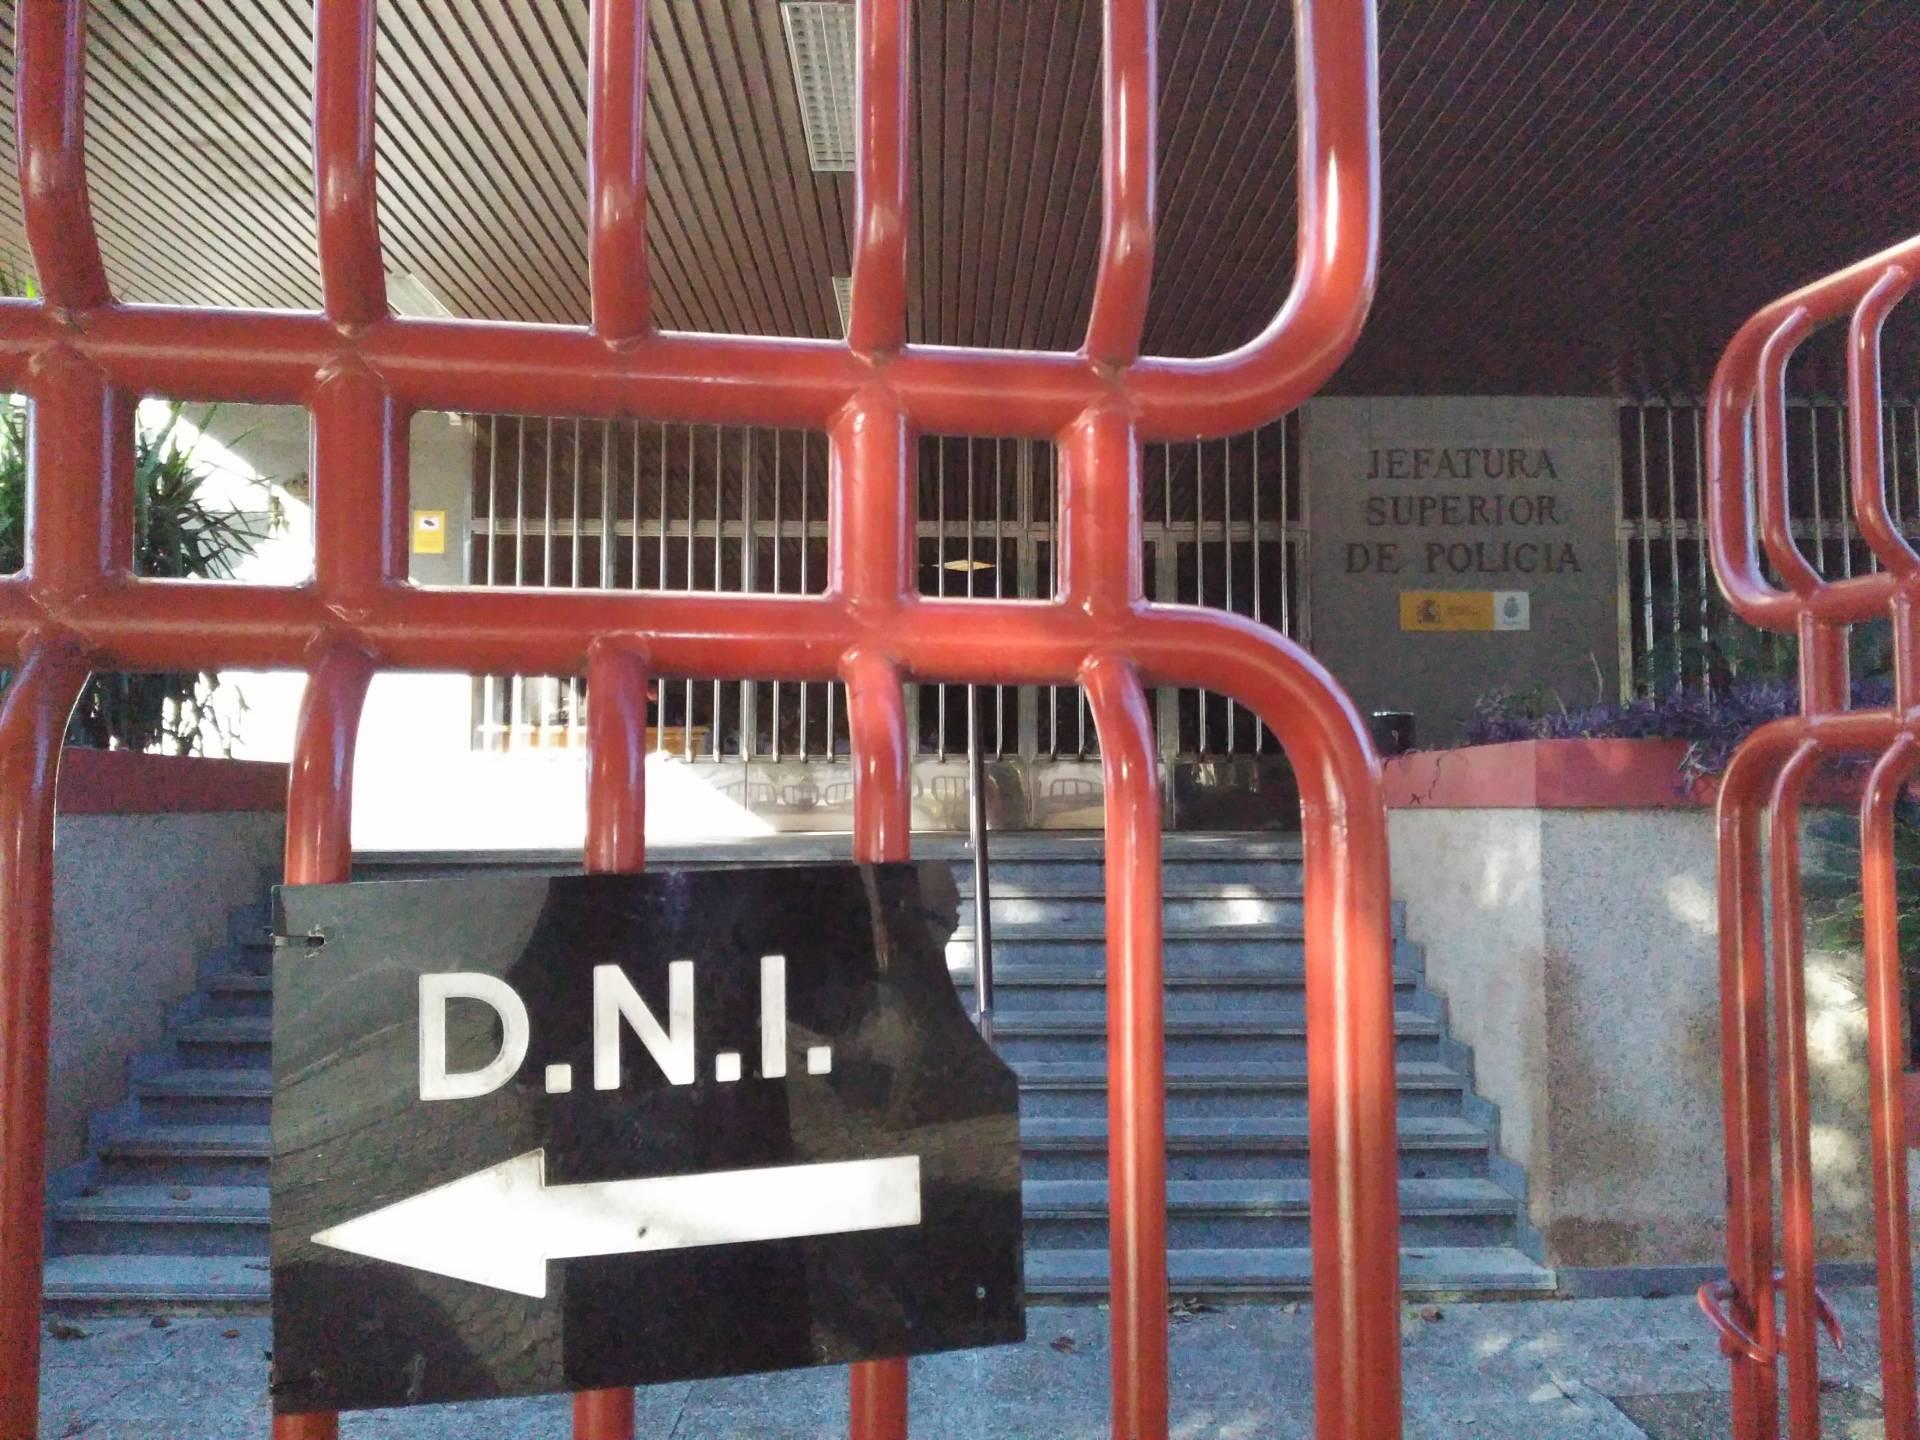 Cartel indicador de la oficina de renovación del DNI en la Jefatura Superior de Policía de Andalucía Occidental, en Sevilla.